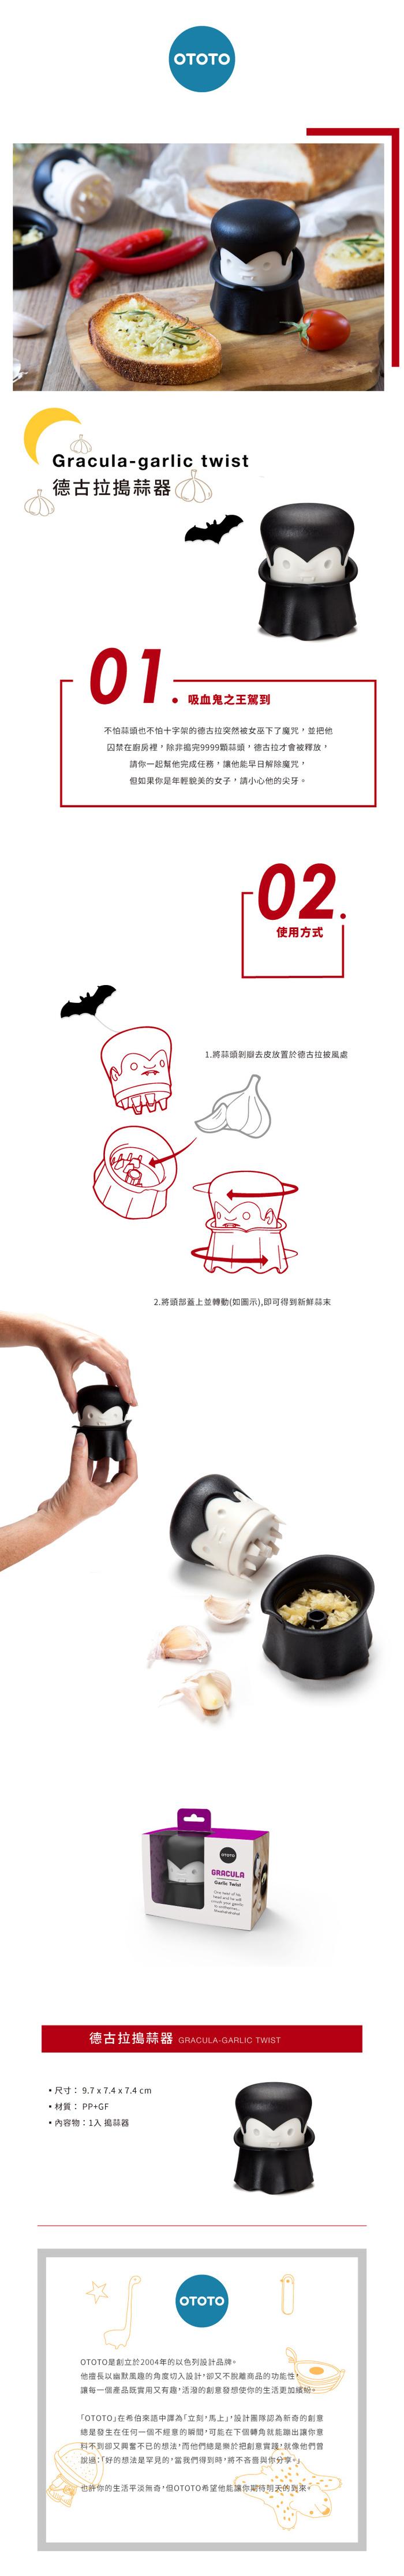 (複製)OTOTO 外星人保鮮罐